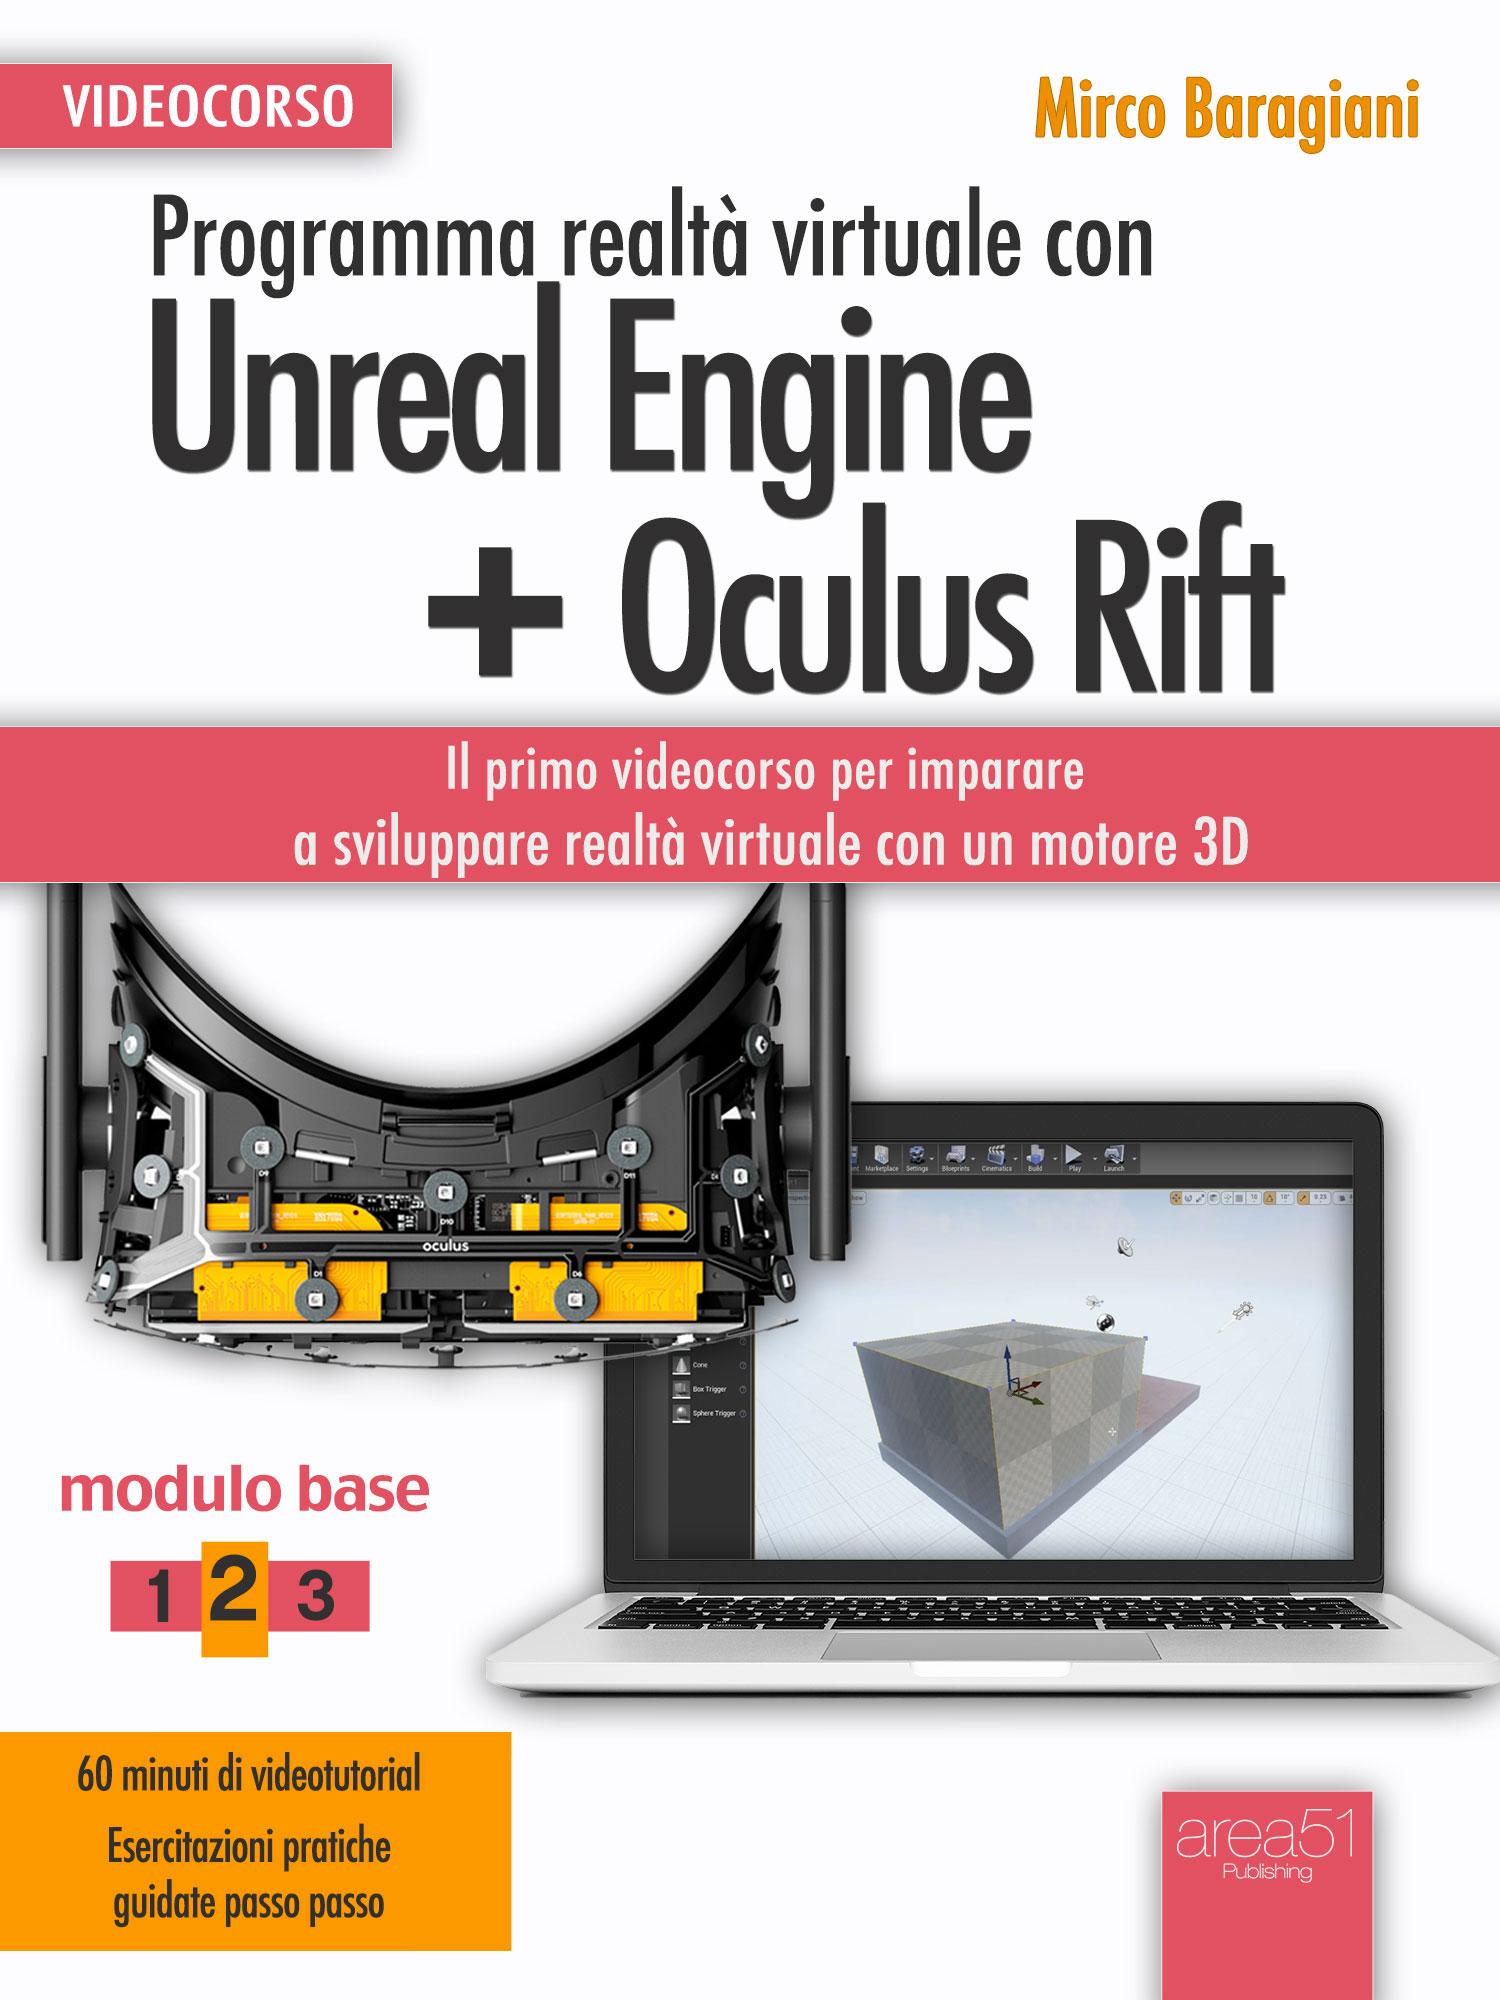 Programma realtà virtuale con Unreal Engine + Oculus Rift. Videocorso Modulo base vol2-0